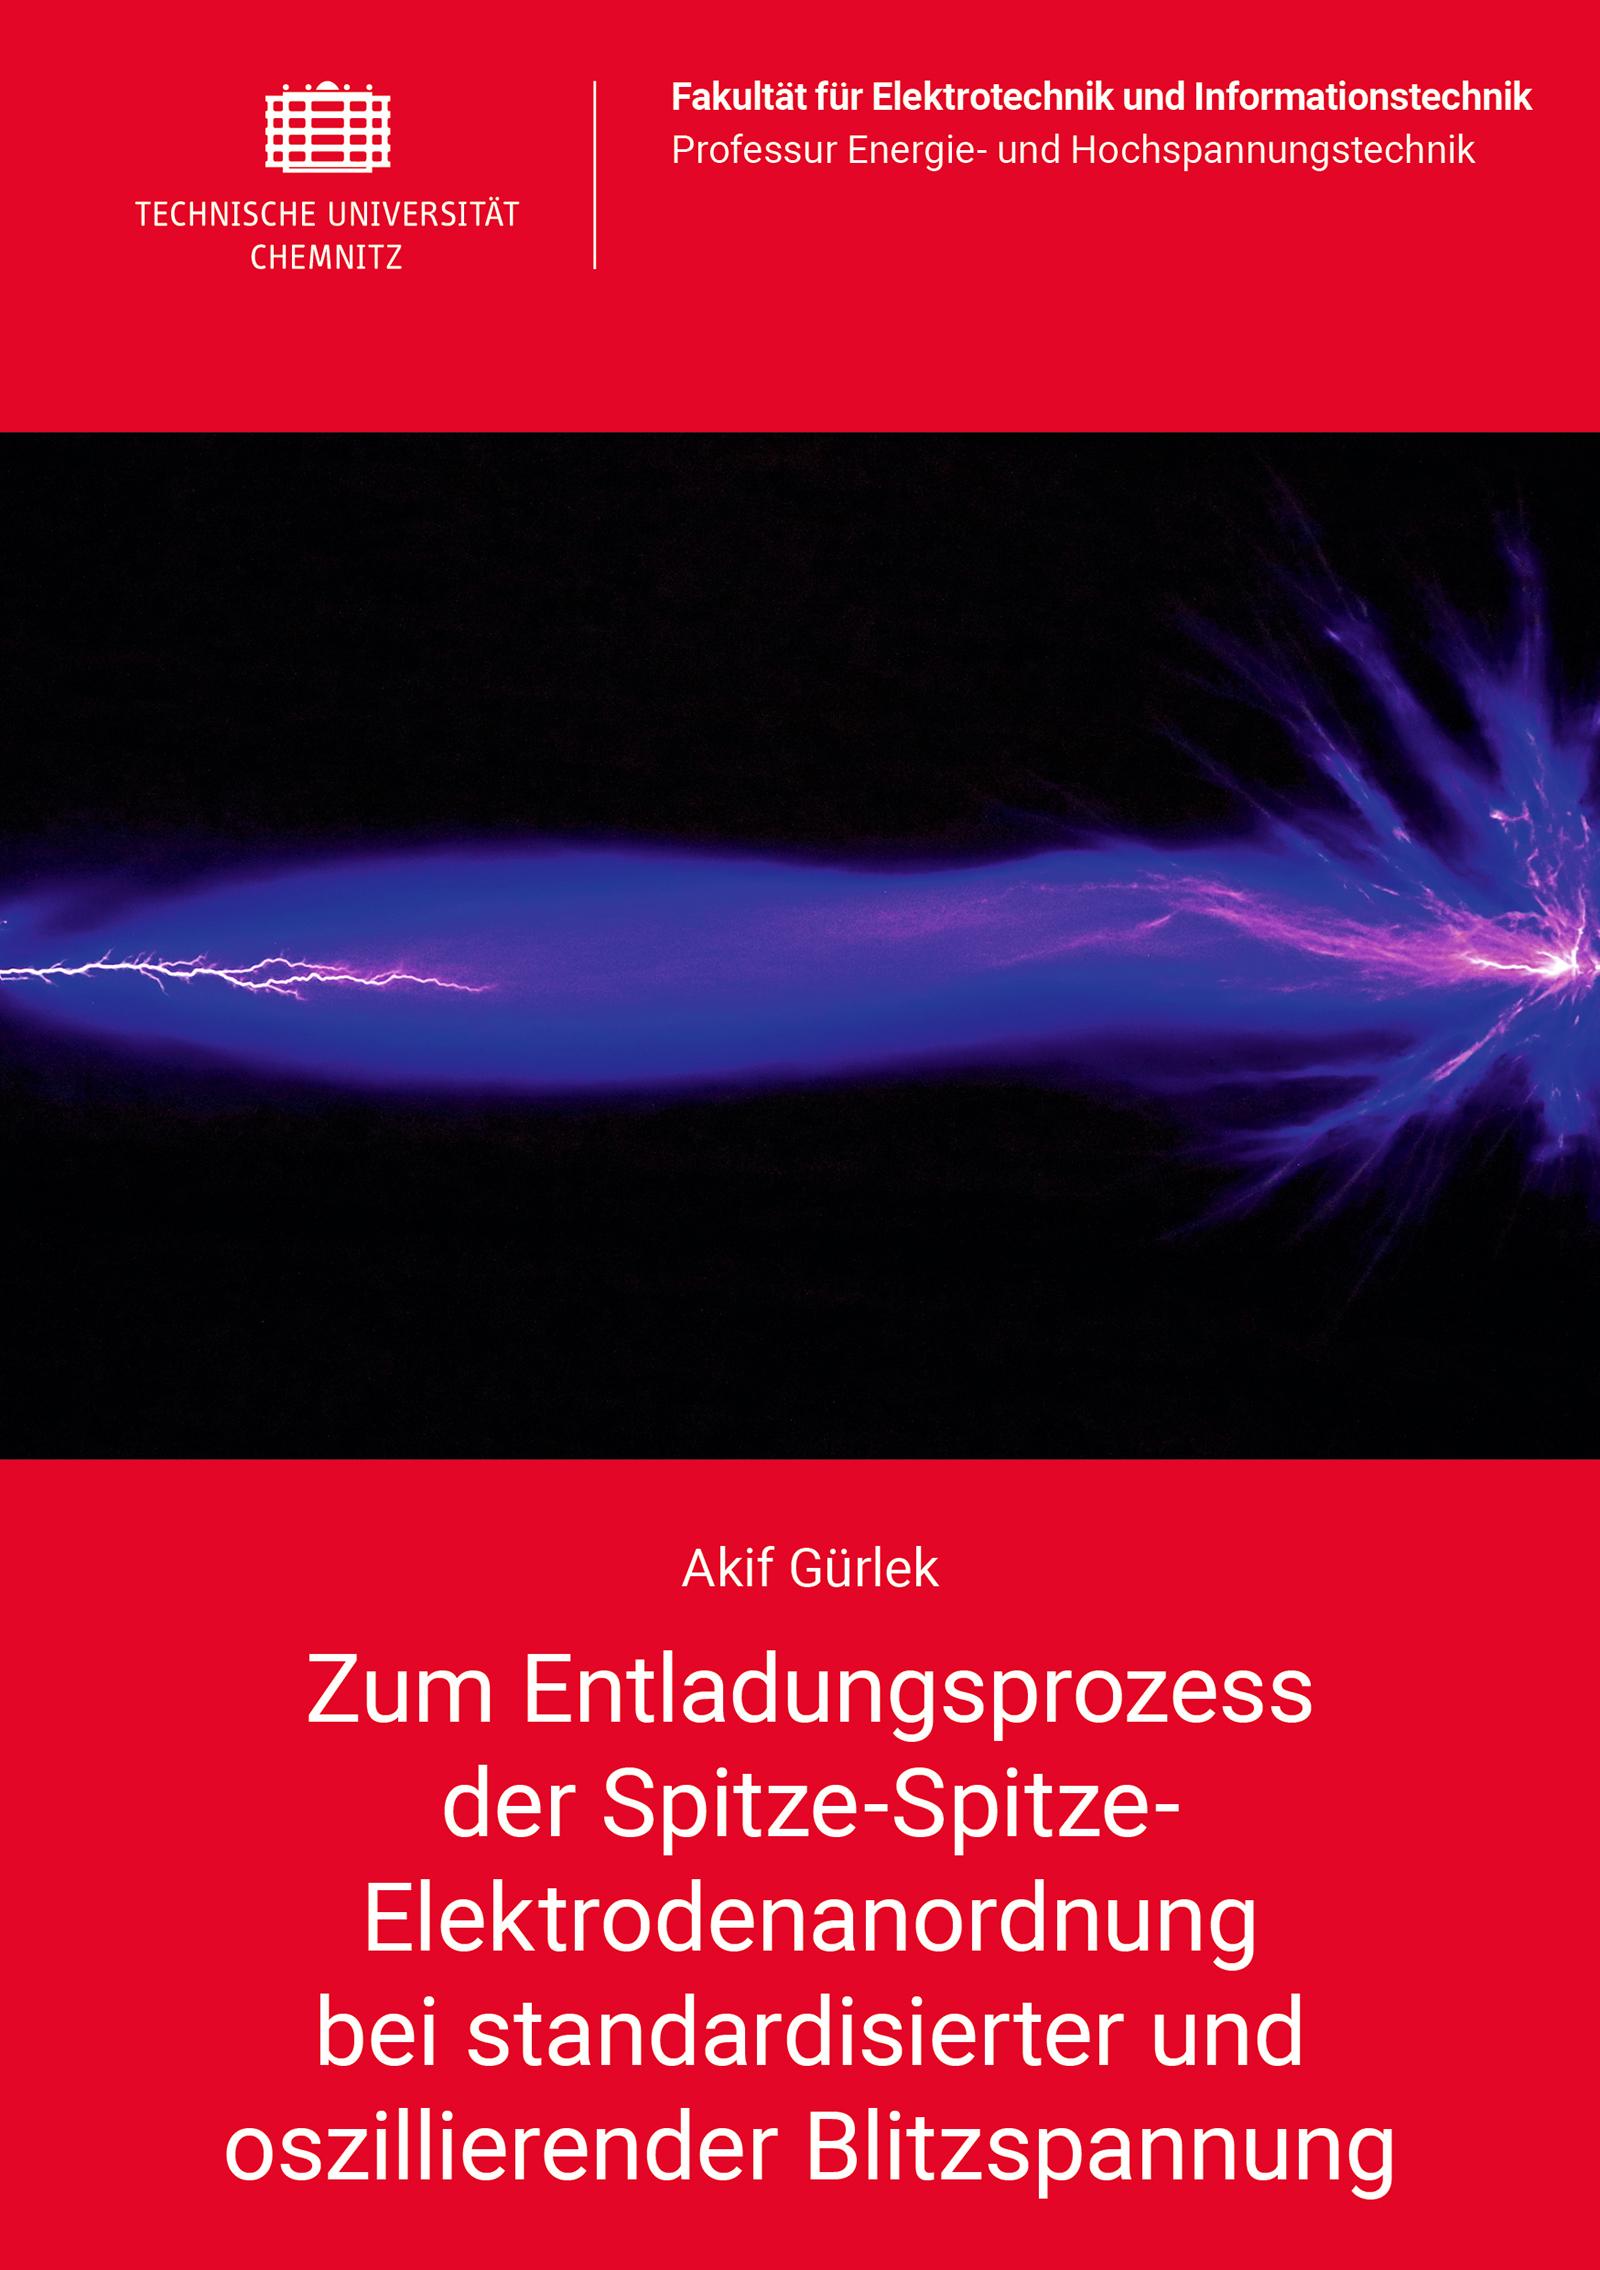 Cover: Zum Entladungsprozess der Spitze-Spitze-Elektrodenanordnung bei standardisierter und oszillierender Blitzspannung